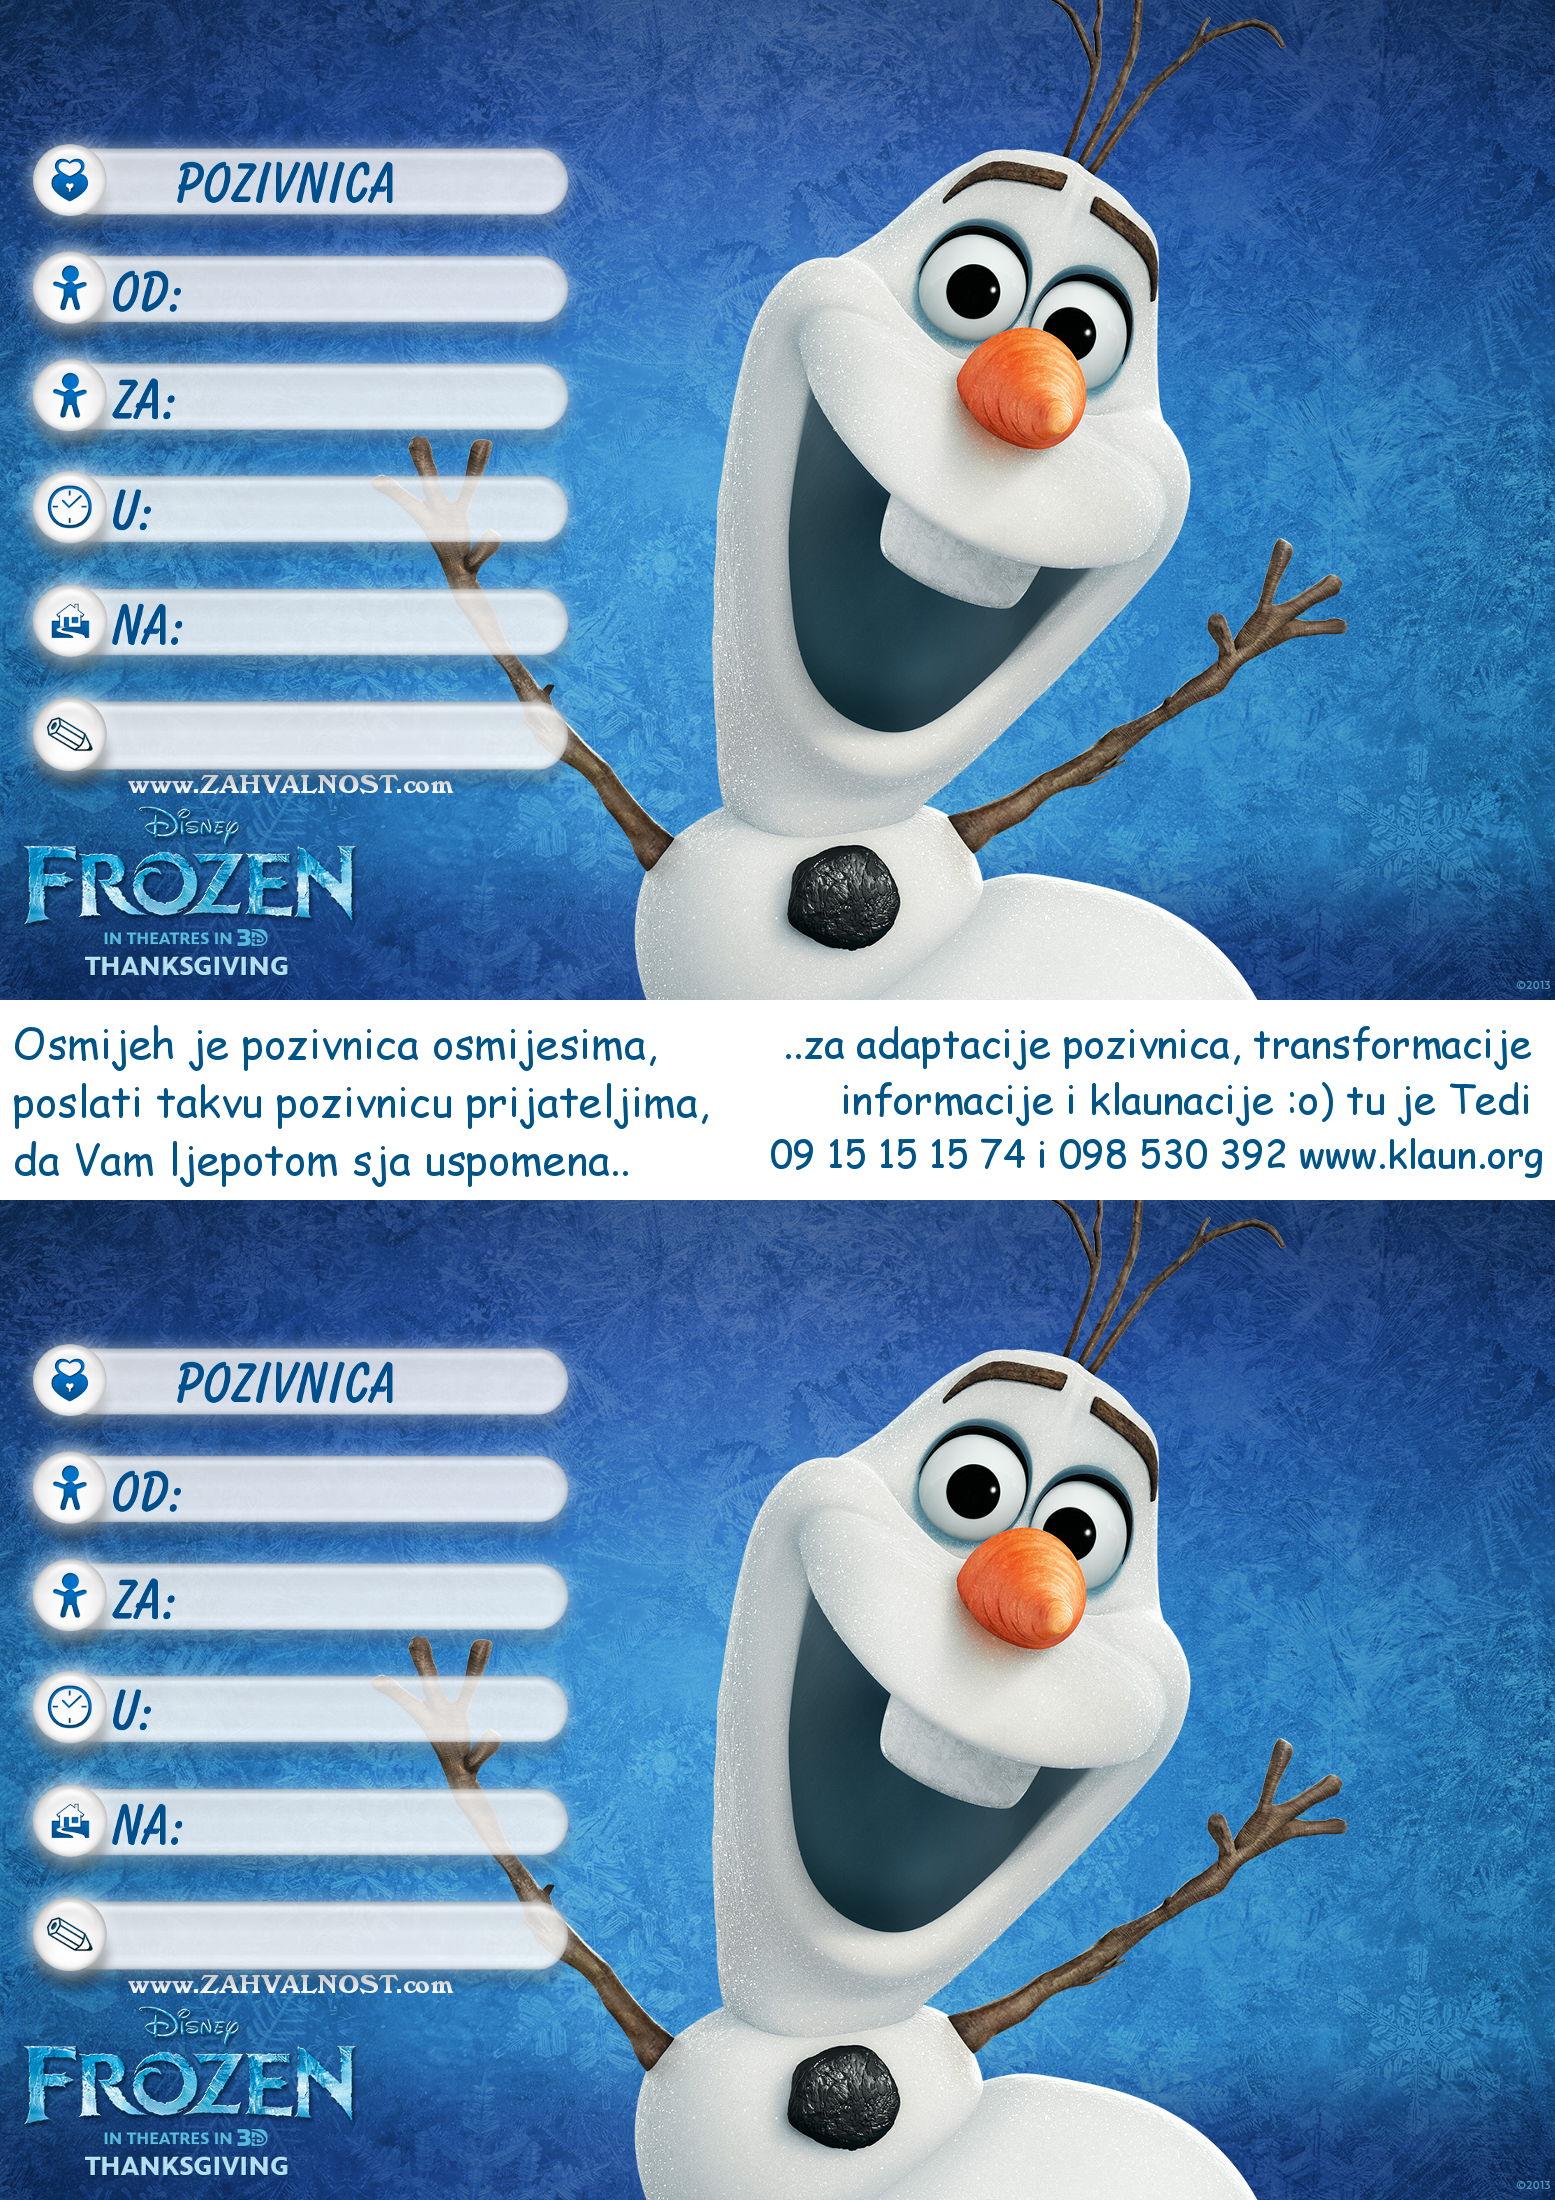 pozivnice za dječji rođendan štrumfovi Pozivnice za rođendan Frozen Snježno Kraljevstvo   Iznenađenje za  pozivnice za dječji rođendan štrumfovi